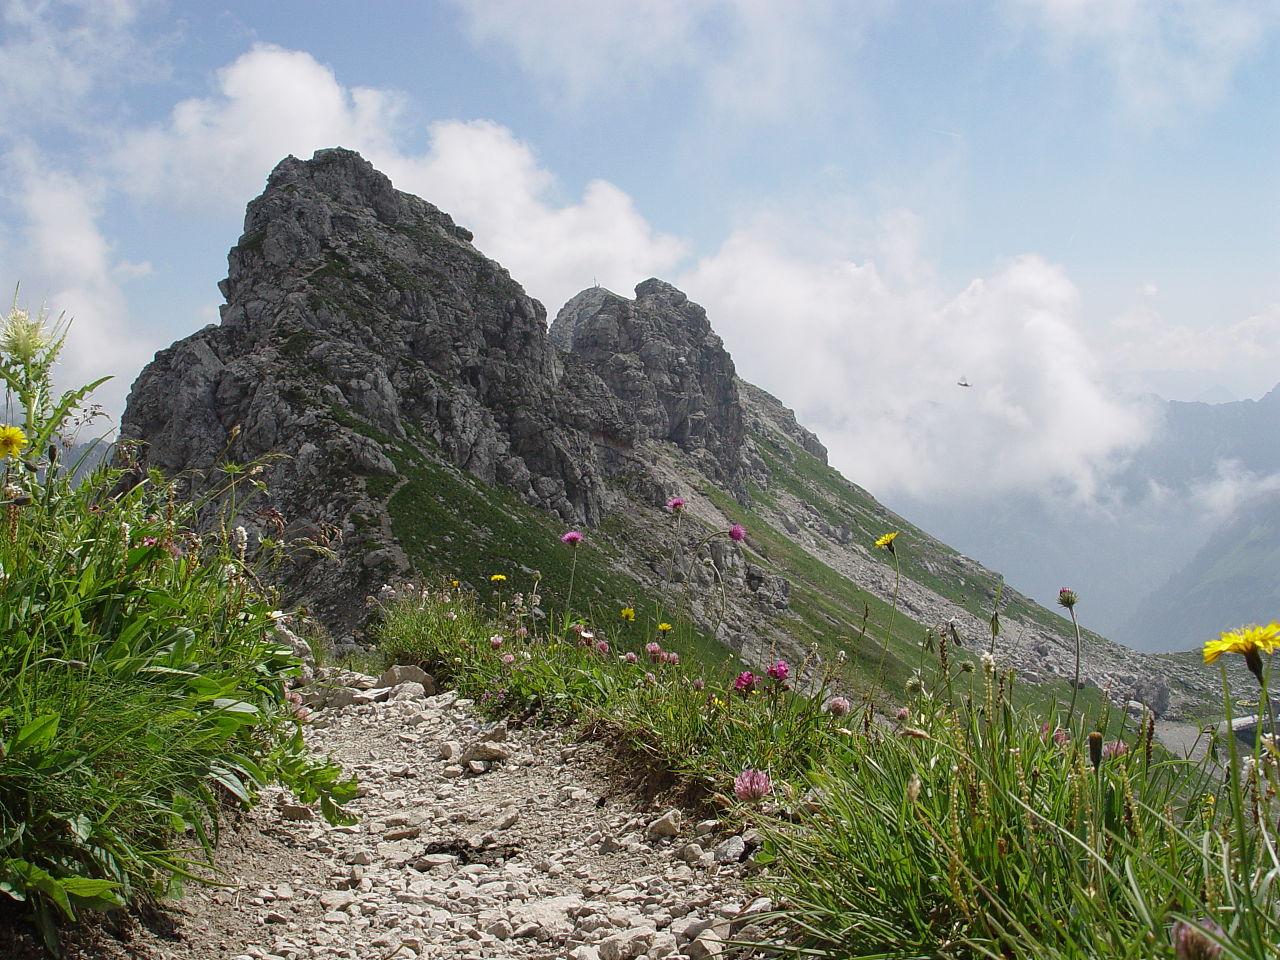 Hindelanger Klettersteig Wengenkopf : Datei:hindelanger klettersteig 1.jpg u2013 wikipedia